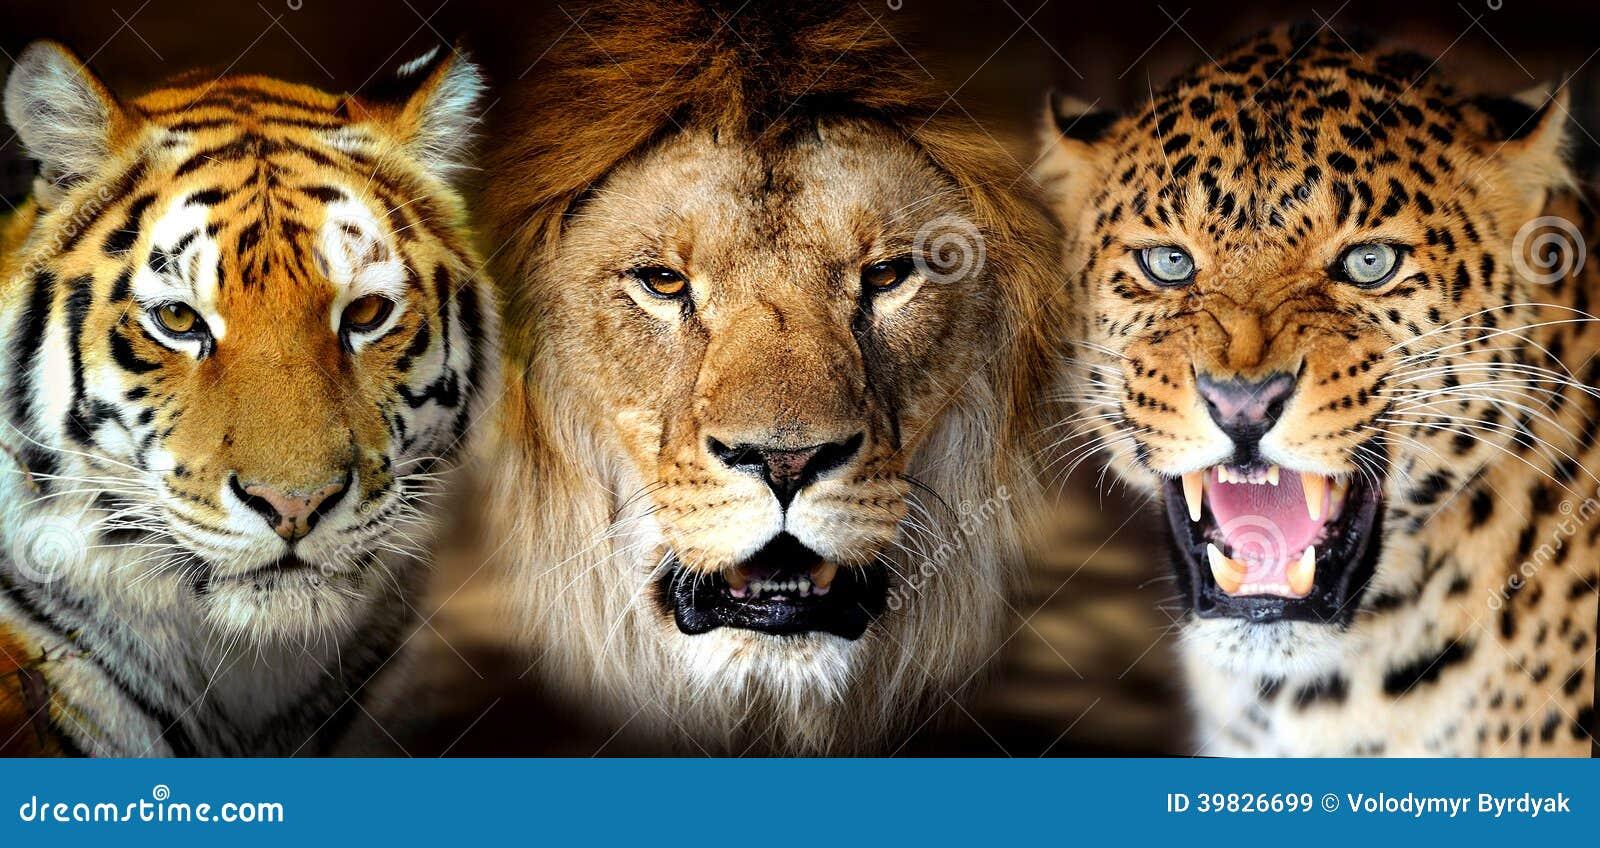 Tigre Le 227 O Leorard Foto De Stock Imagem 39826699